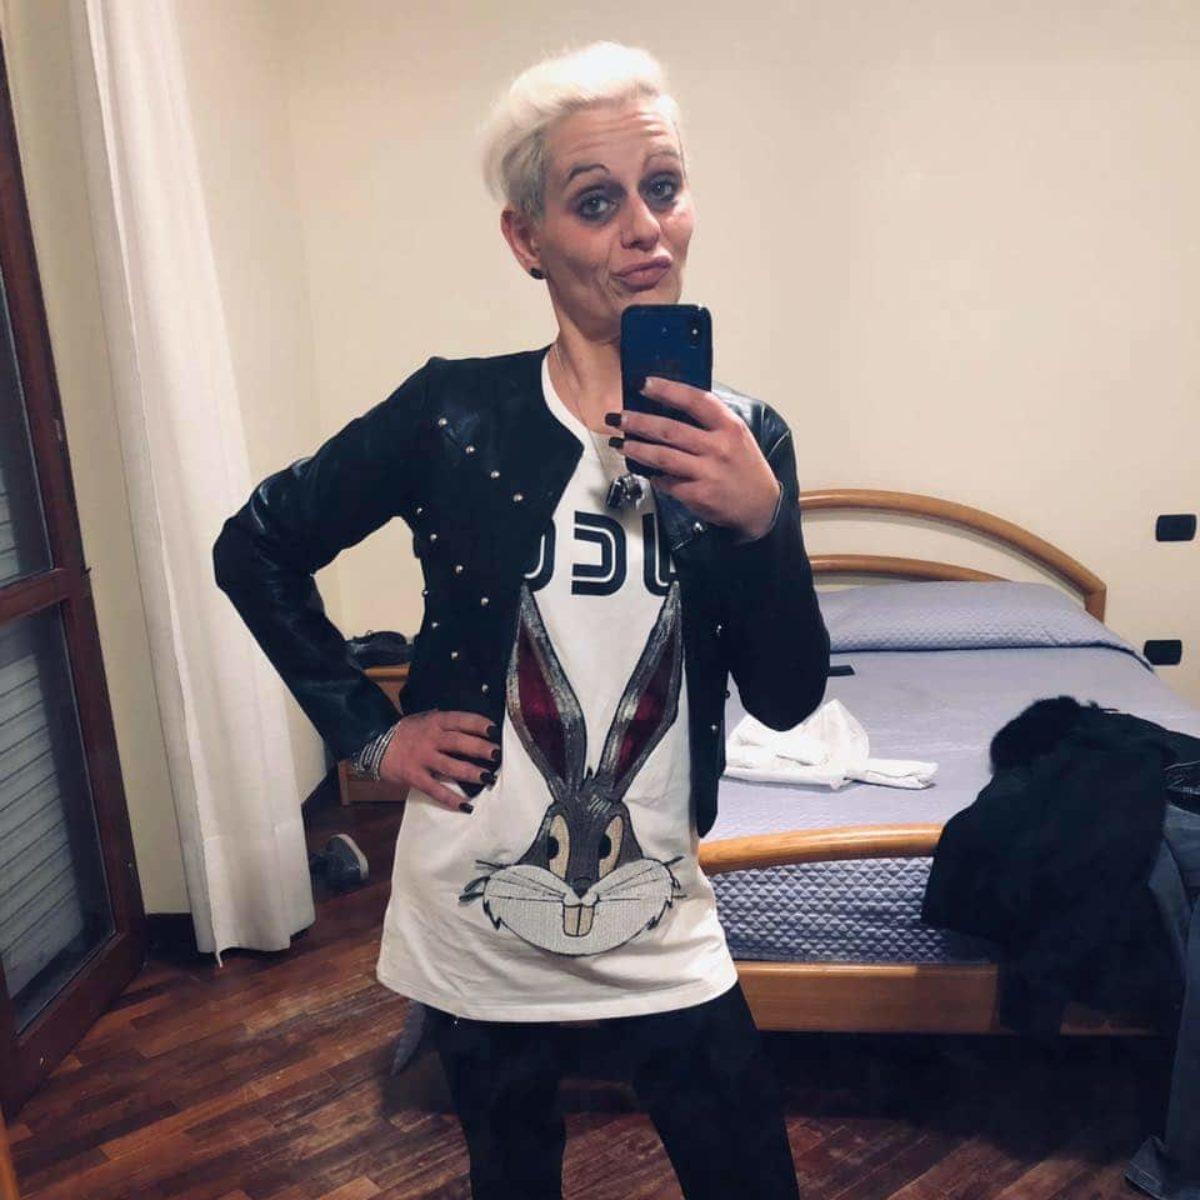 foto di bare e 800 chiamate al giorno: le persecuzioni della stalker che ha sfregiato l'ex con l'acido .